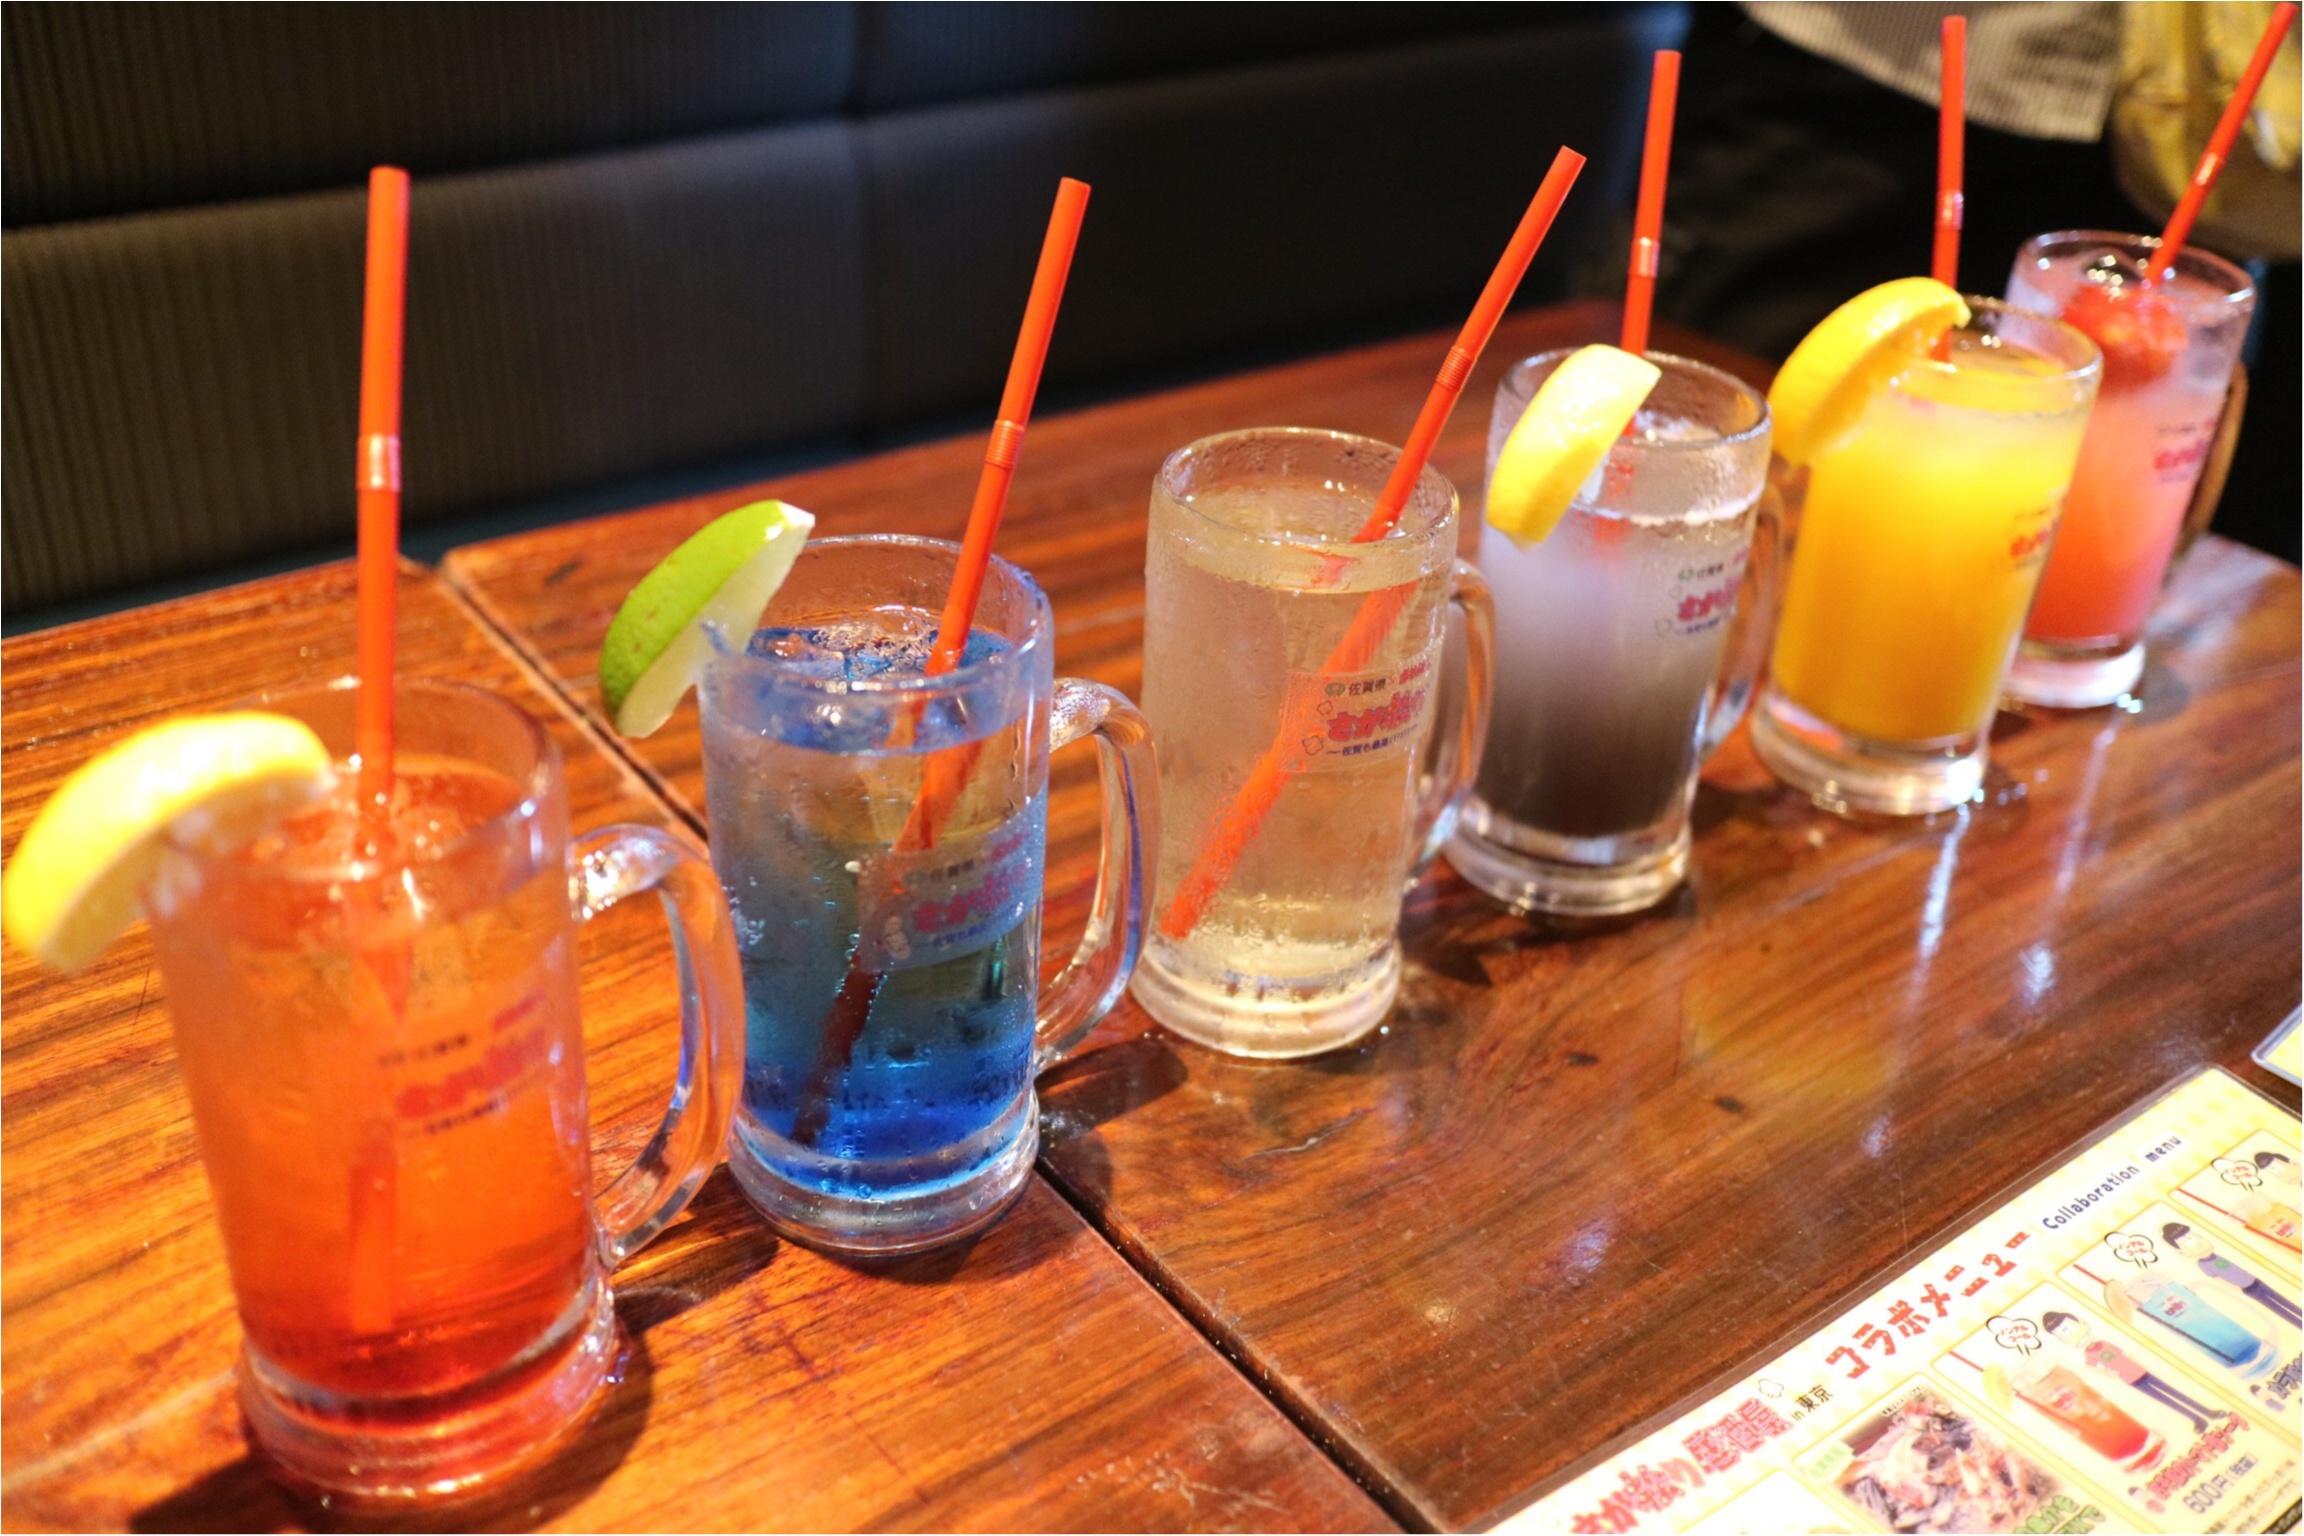 大人気の「おそ松さん」が佐賀県とコラボ!? 『さが松り居酒屋』で六つ子と一緒に飲んできました☆_3